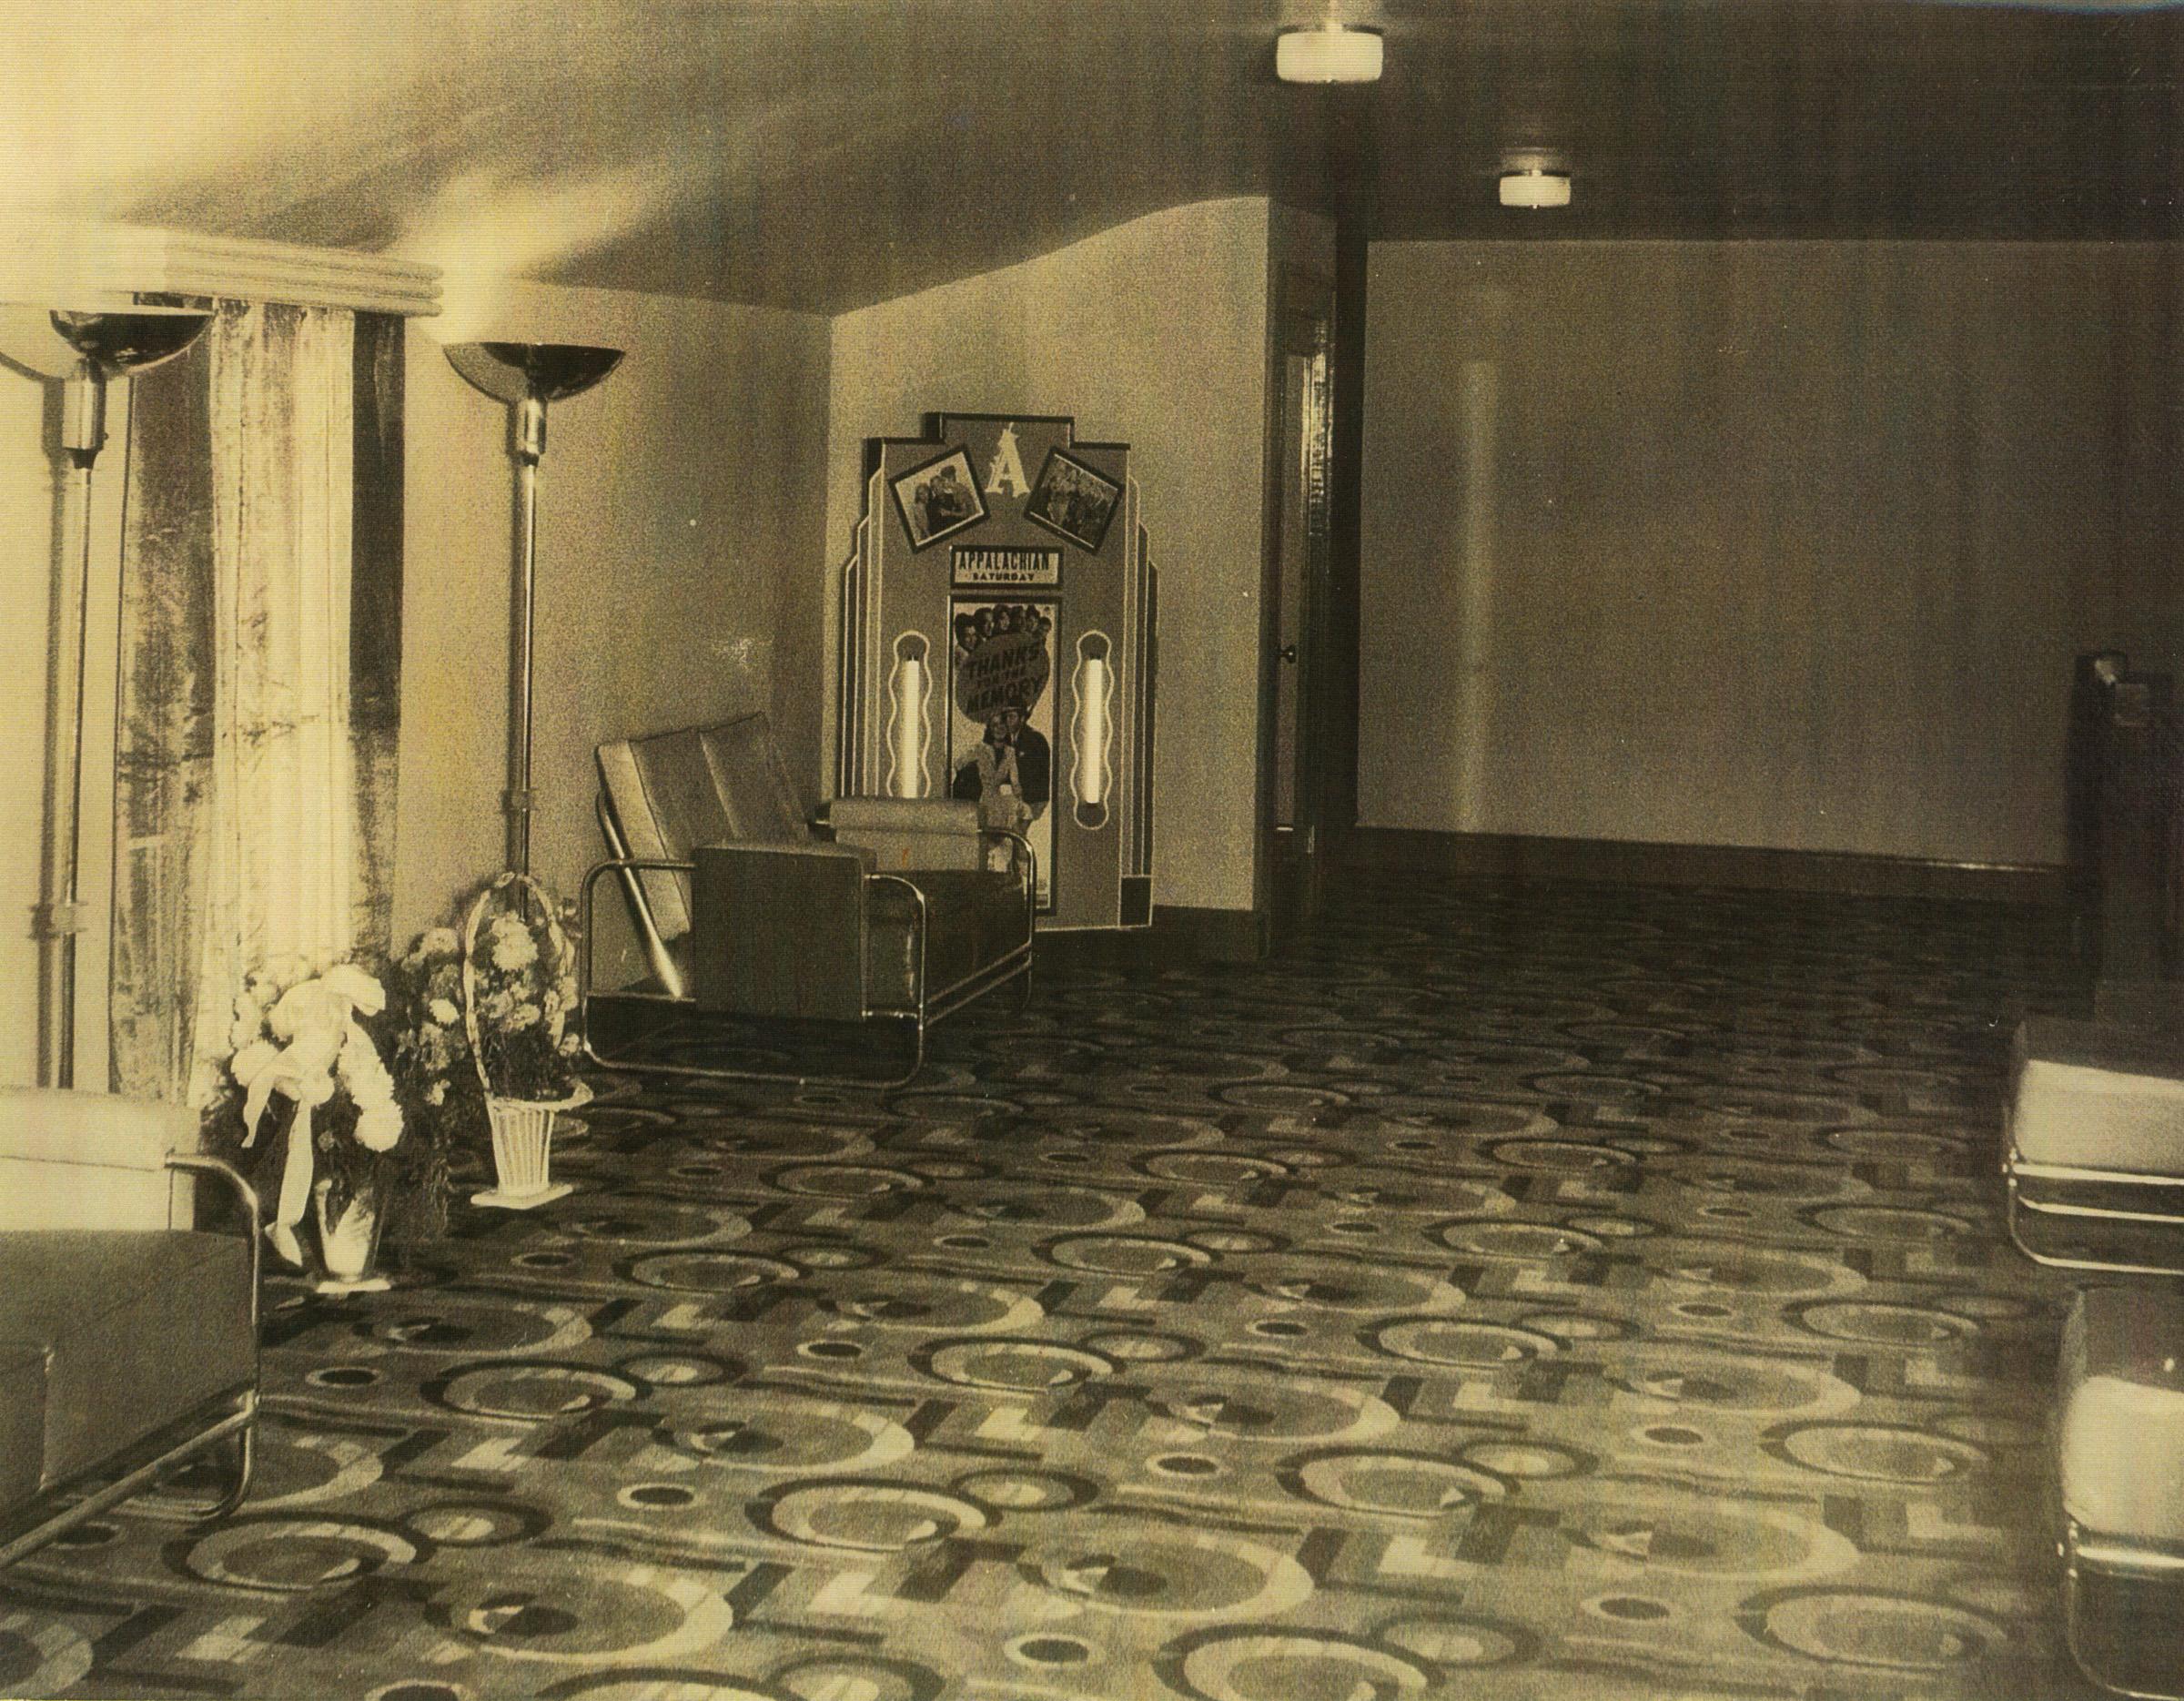 Mezzanine of the Appalachian Theatre, 1938. Image courtesy of the Sams Family.